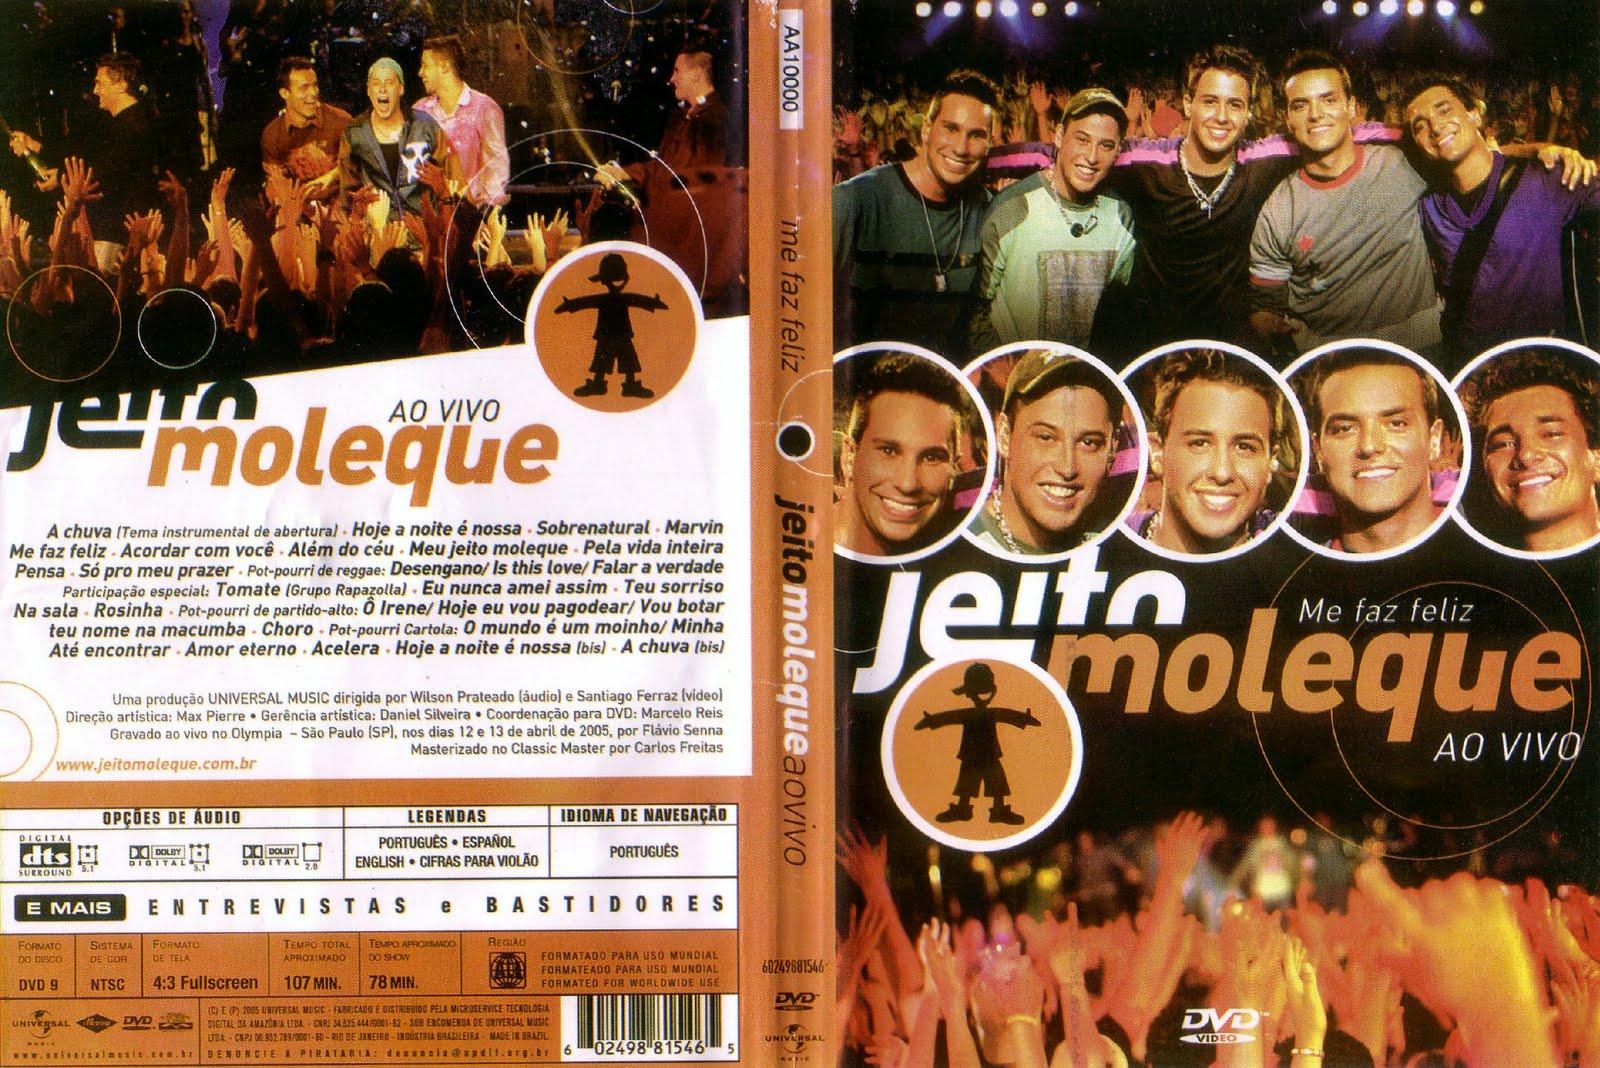 cd jeito moleque 2011